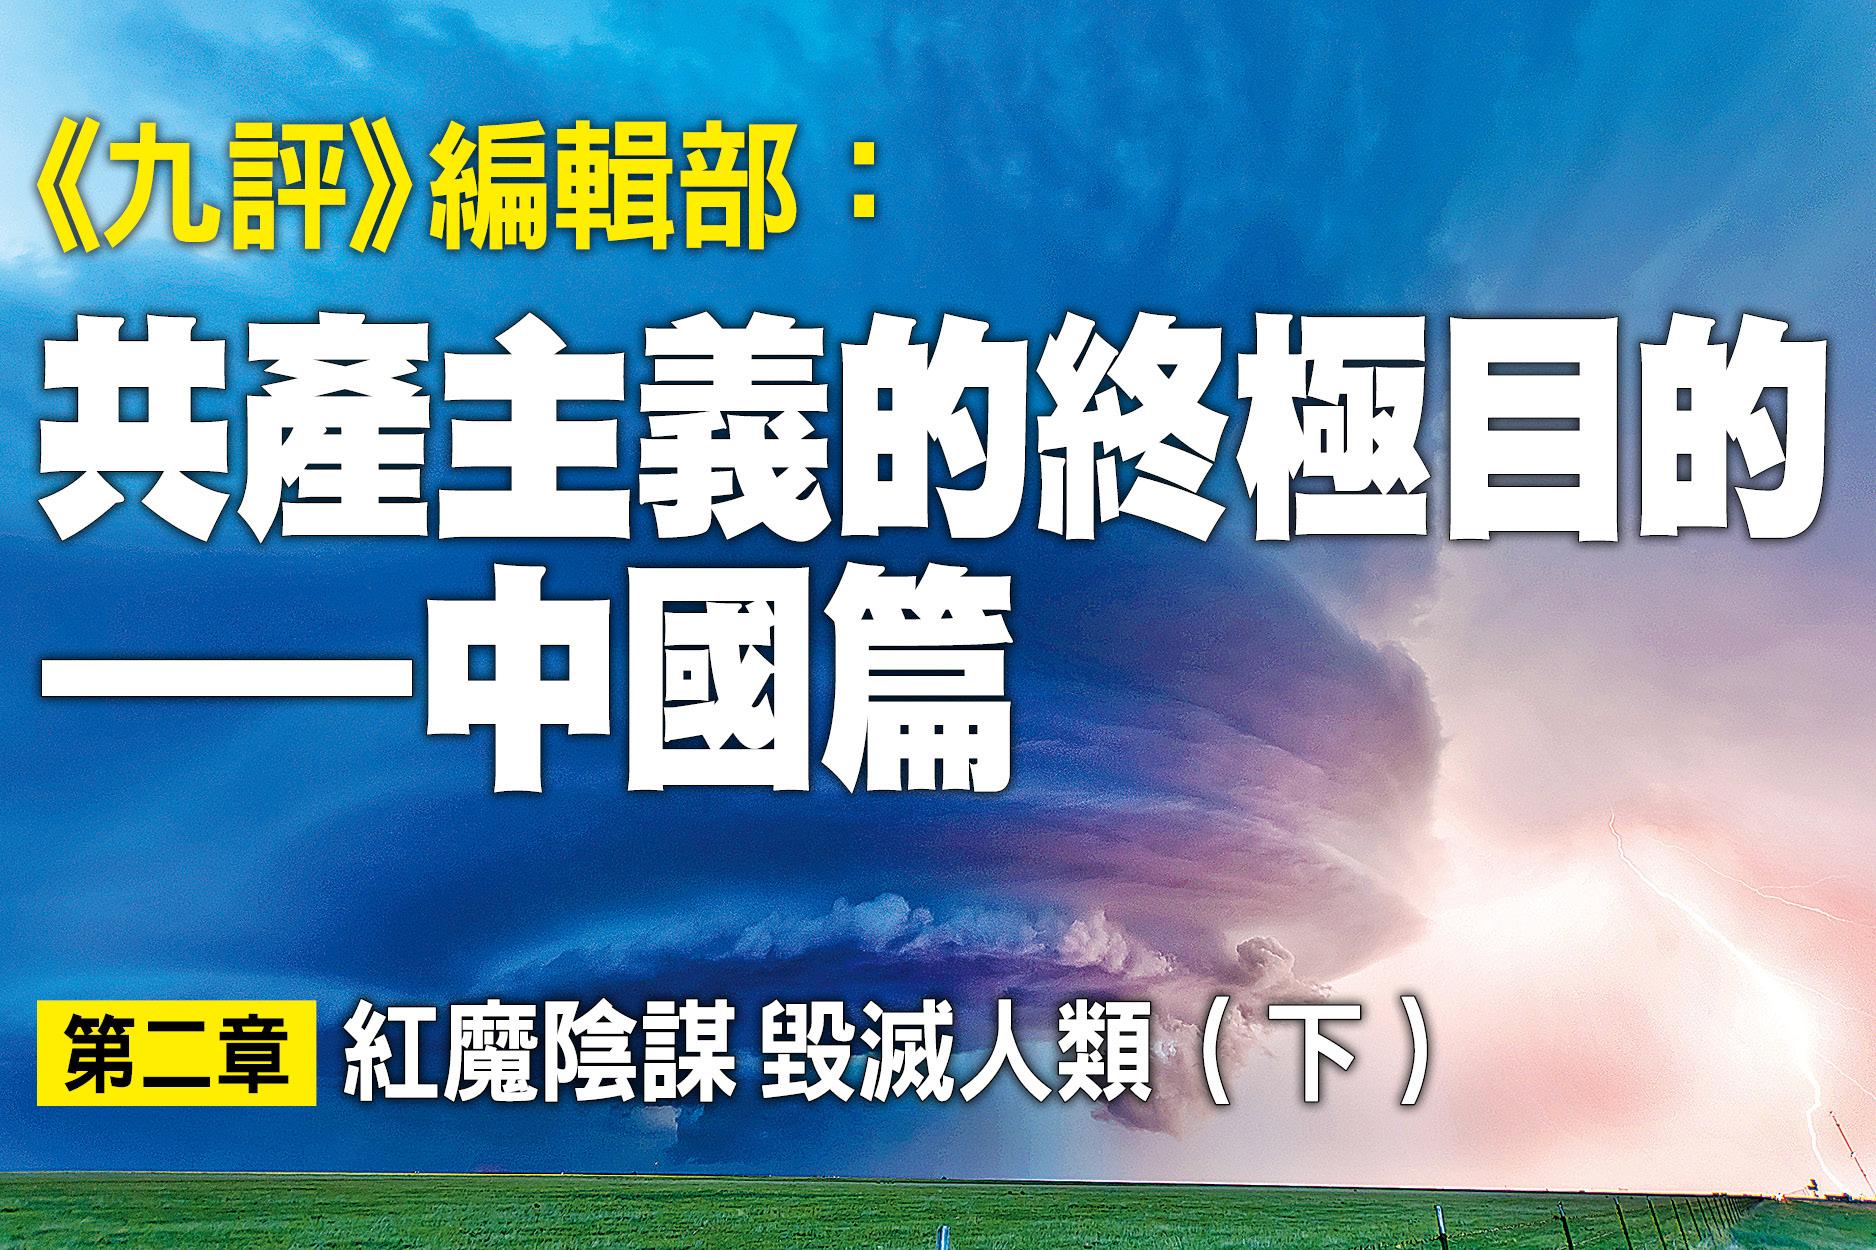 《共產主義的終極目的——中國篇》第二章 紅魔陰謀 毀滅人類(下)